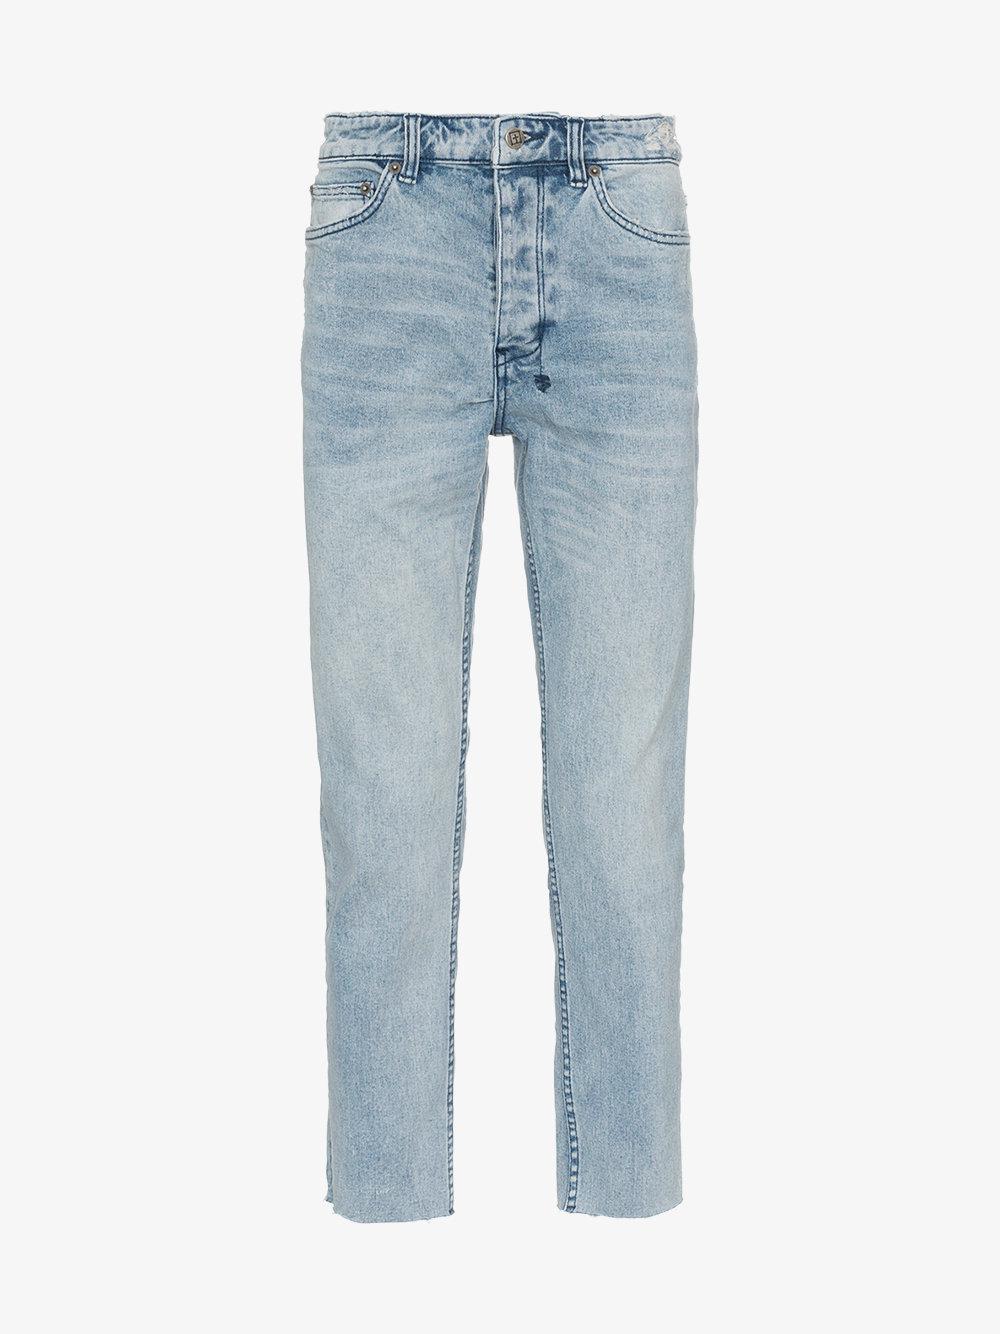 Chitch Hacher Jeans Attaque Acide - Bleu Ksubi wNSdsf9